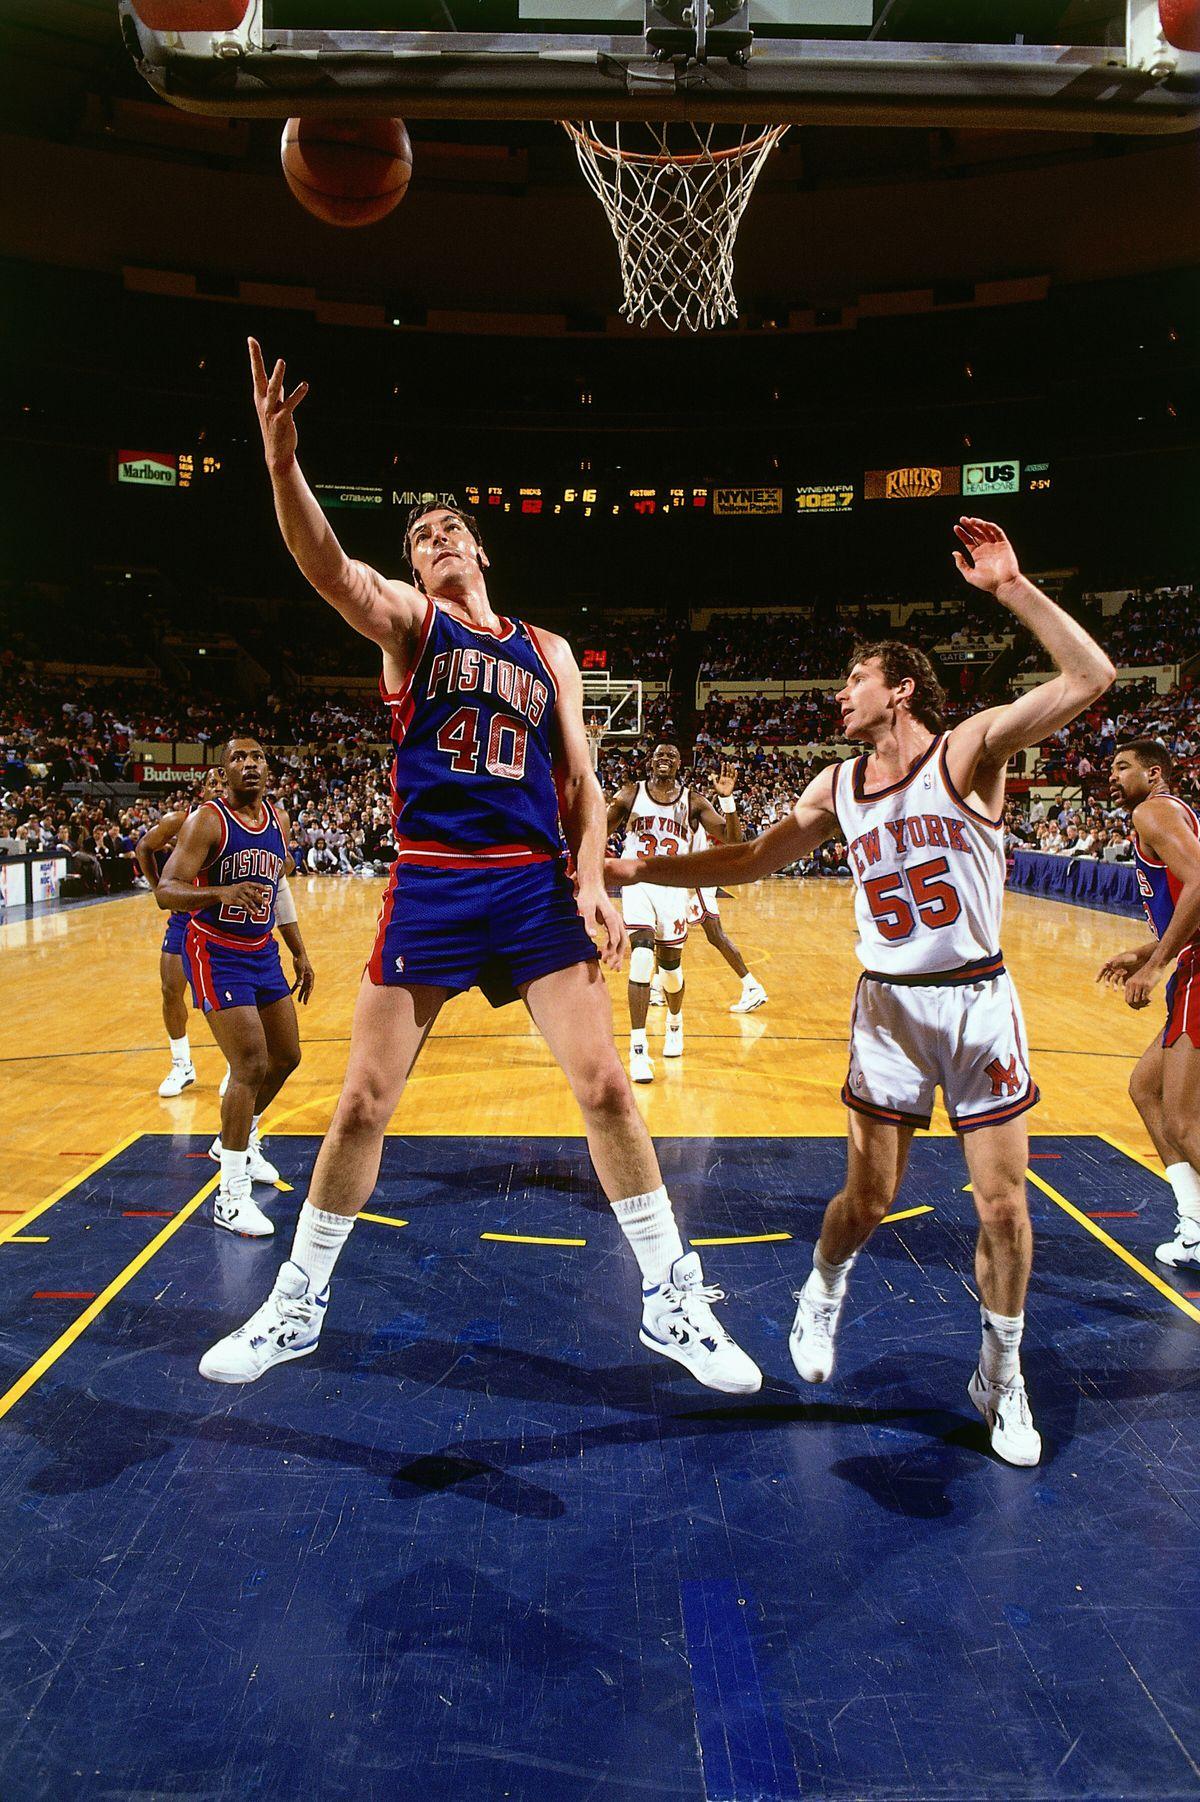 Bill Laimbeer rebounds against Kniicks